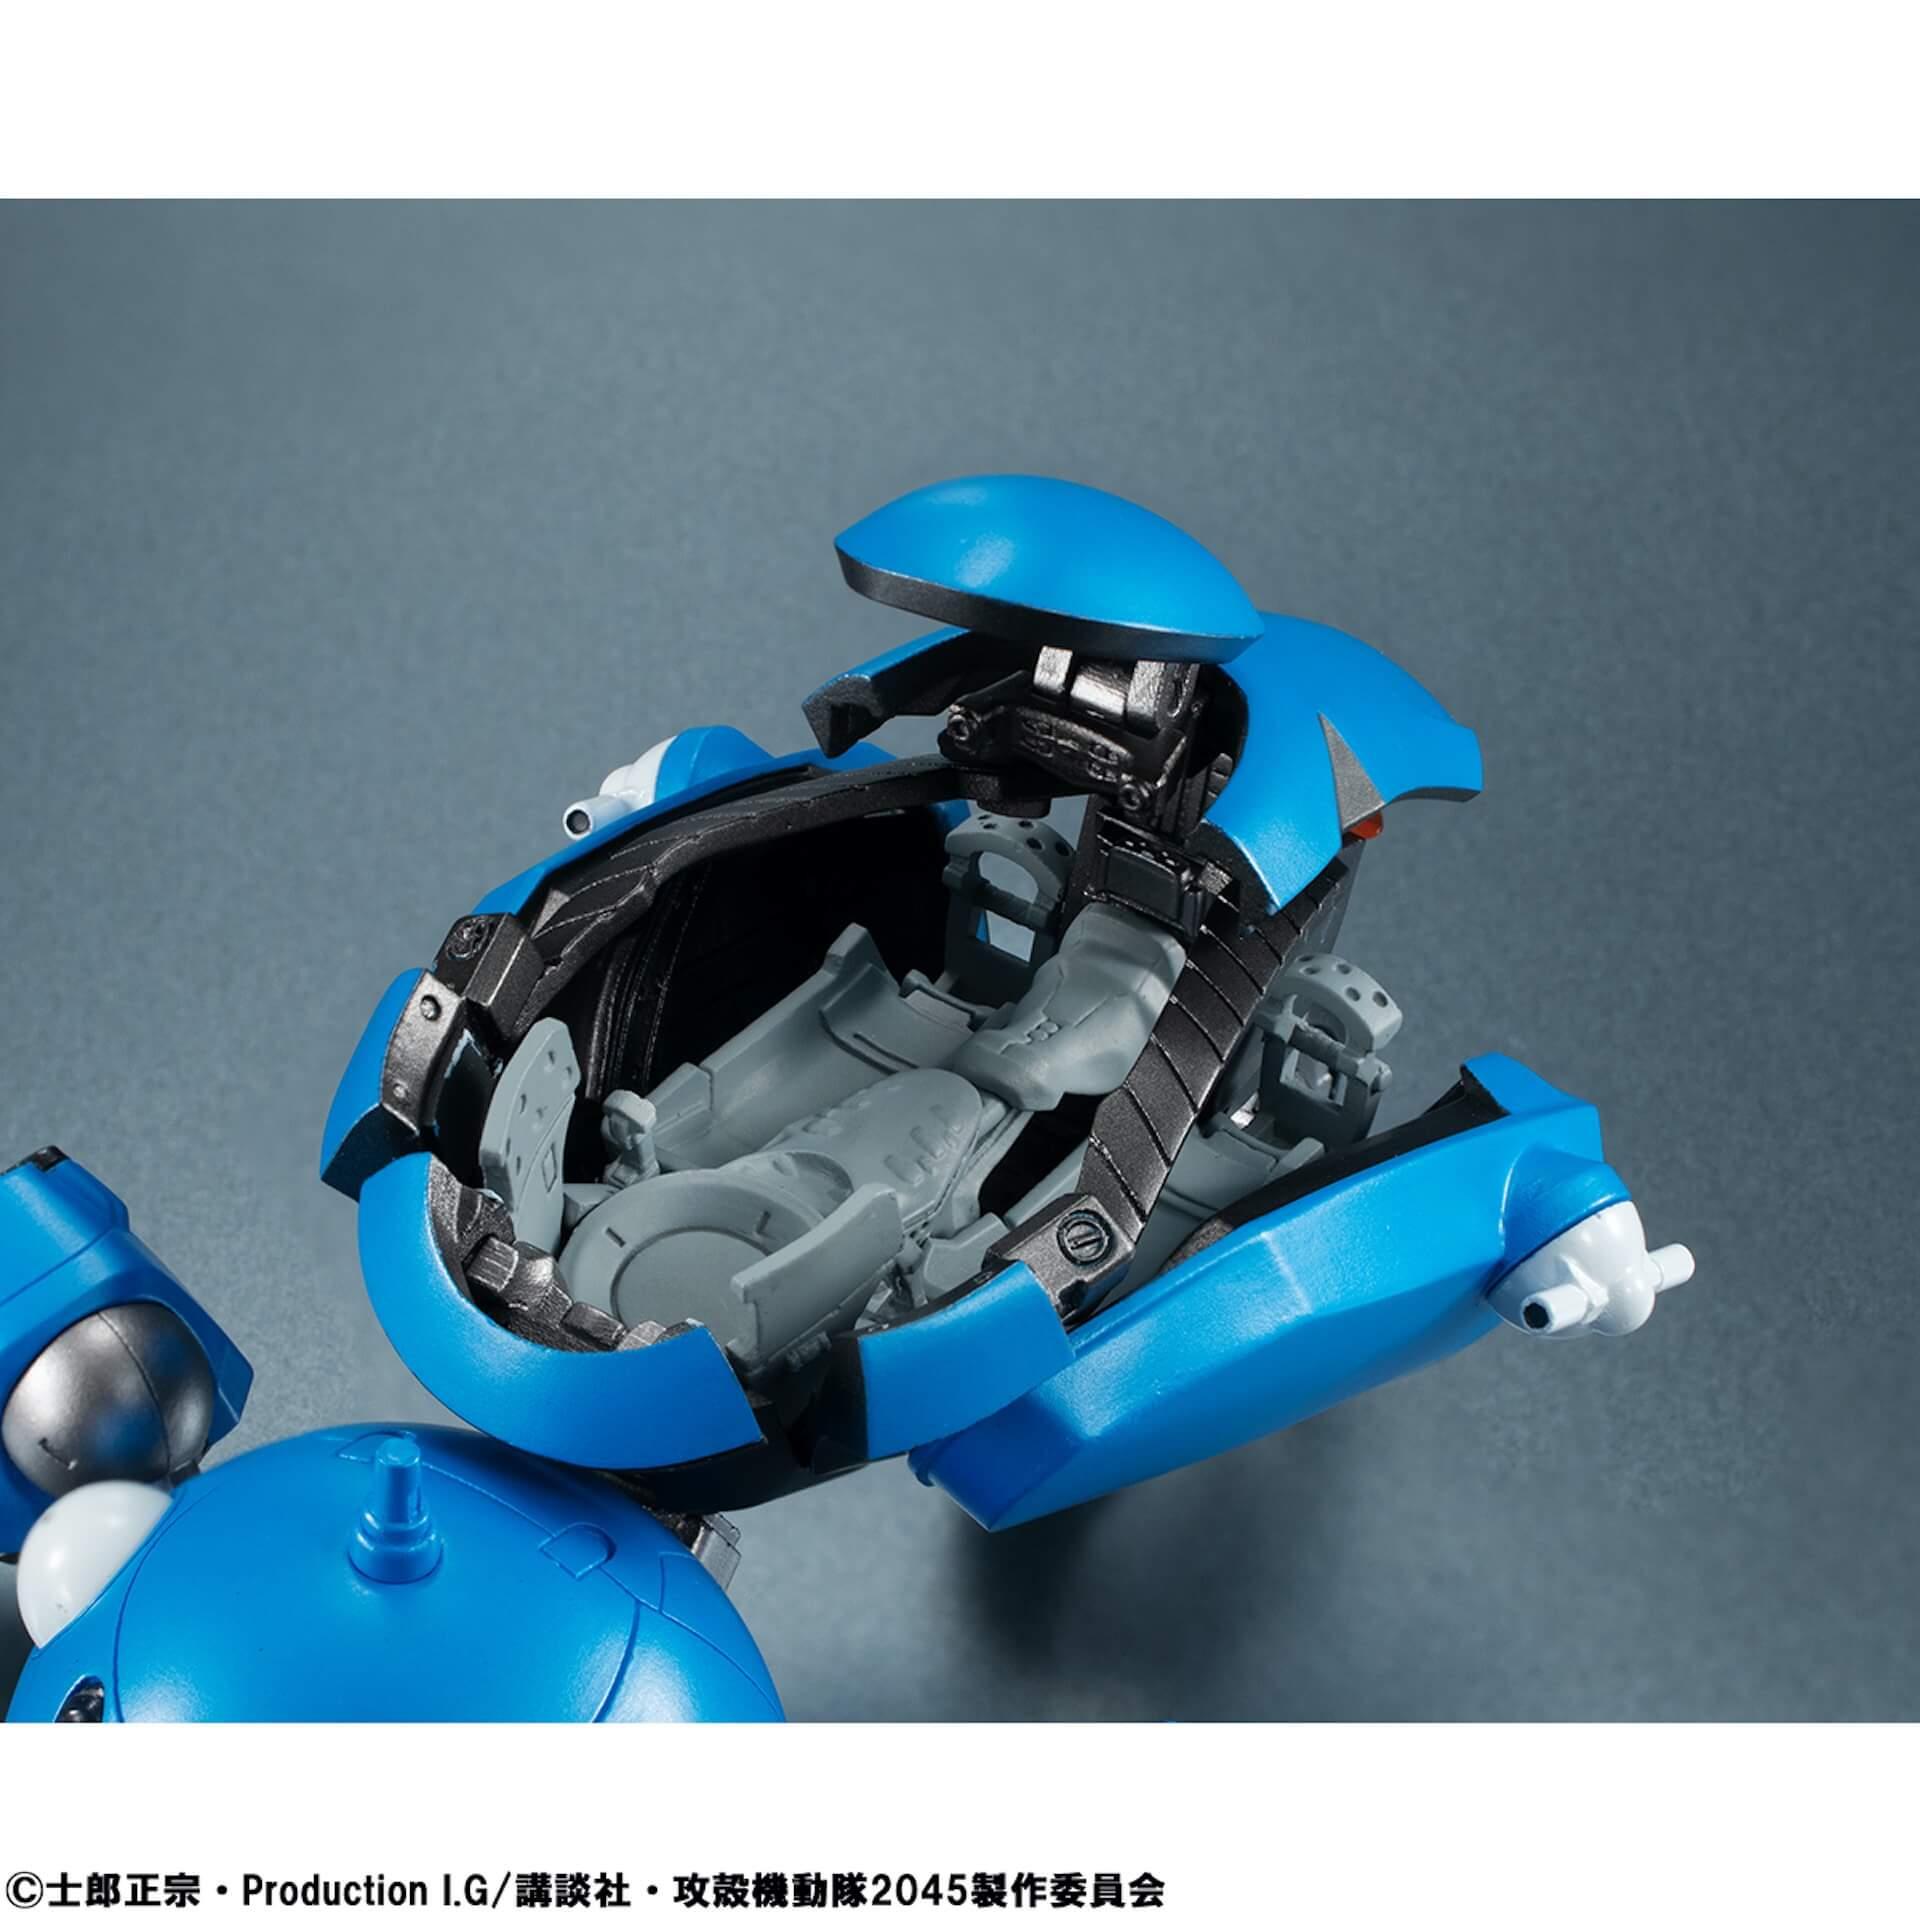 豊富なギミックありの『攻殻機動隊 SAC_2045』タチコマフィギュアがメガハウスから登場!背面ポッドに少佐が搭乗可能 ac200701_tachikoma_figure_07